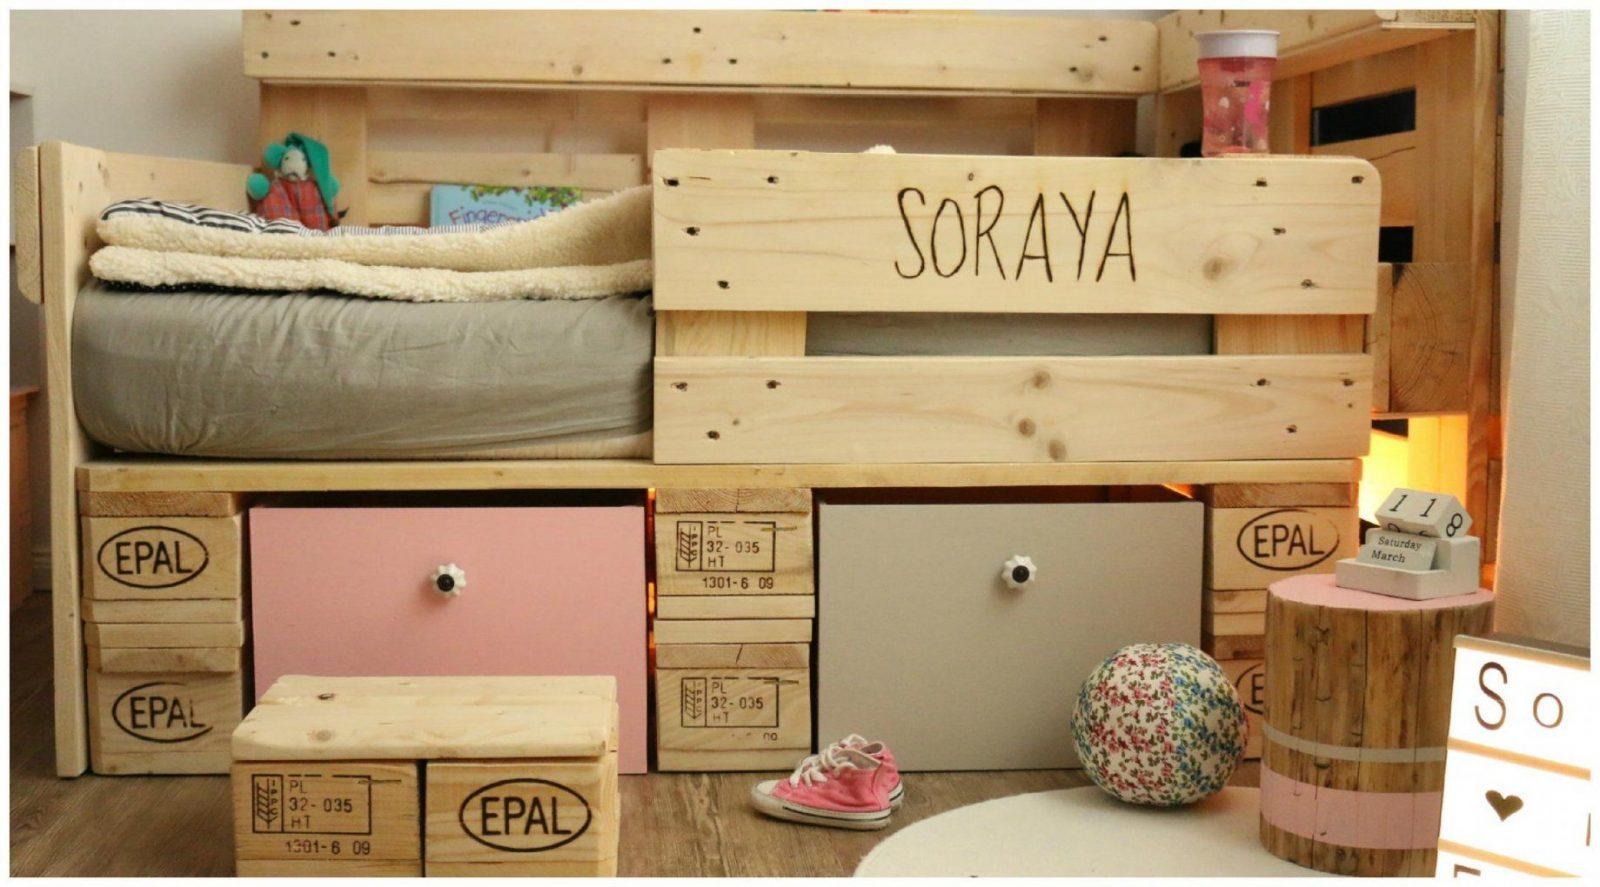 Spektakuläre Ideen Kinderbett Und Beste Kinderzimmer Diy Deko Selber von Deko Ideen Babyzimmer Selber Machen Bild